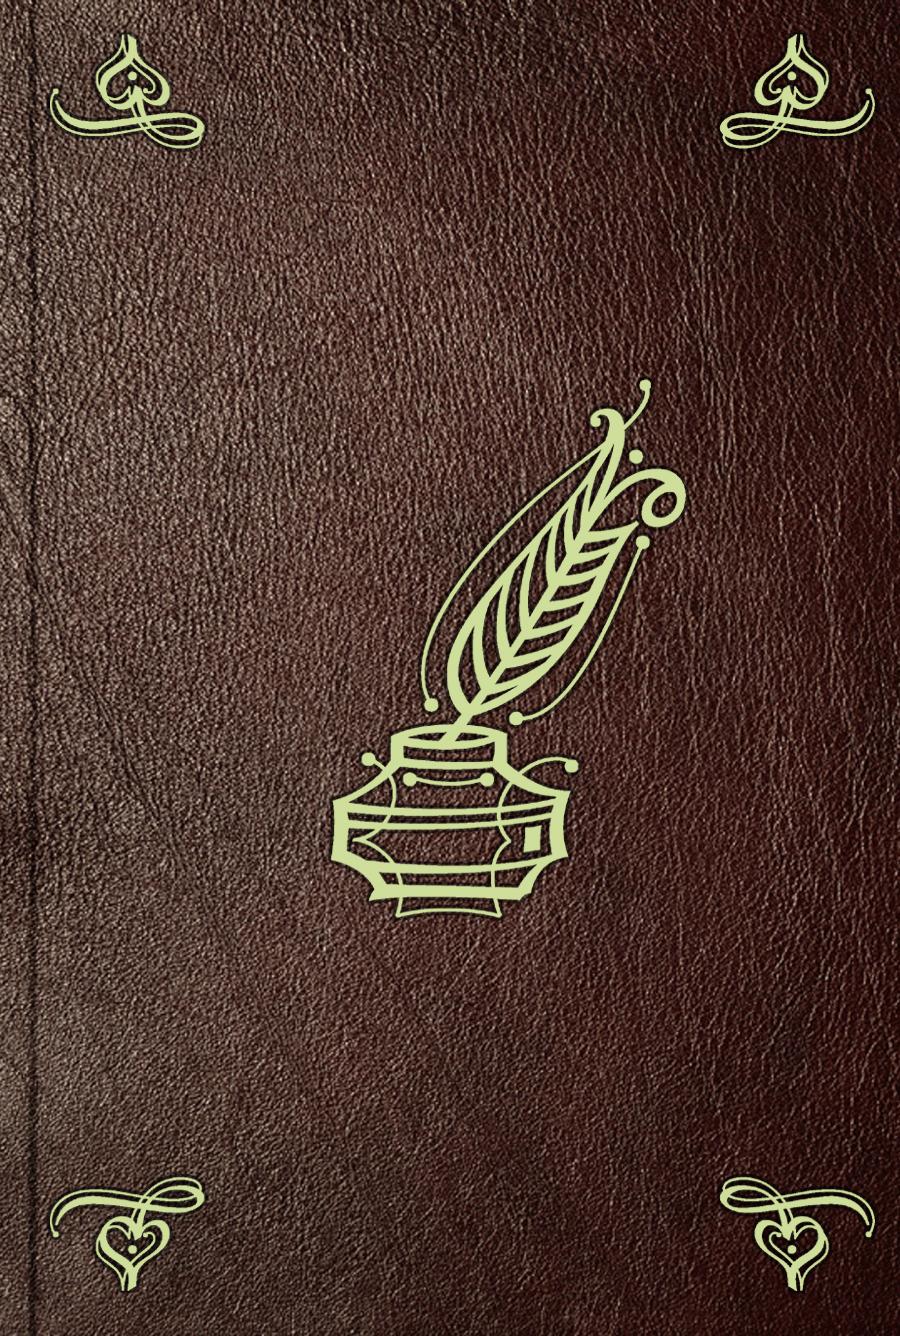 Georg Christoph Lichtenberg Vermischte Schriften. Bd. 1 christian jacob kraus vermischte schriften über staatswirtschaftliche philosophische und andere gegenstände bd 4 t 2